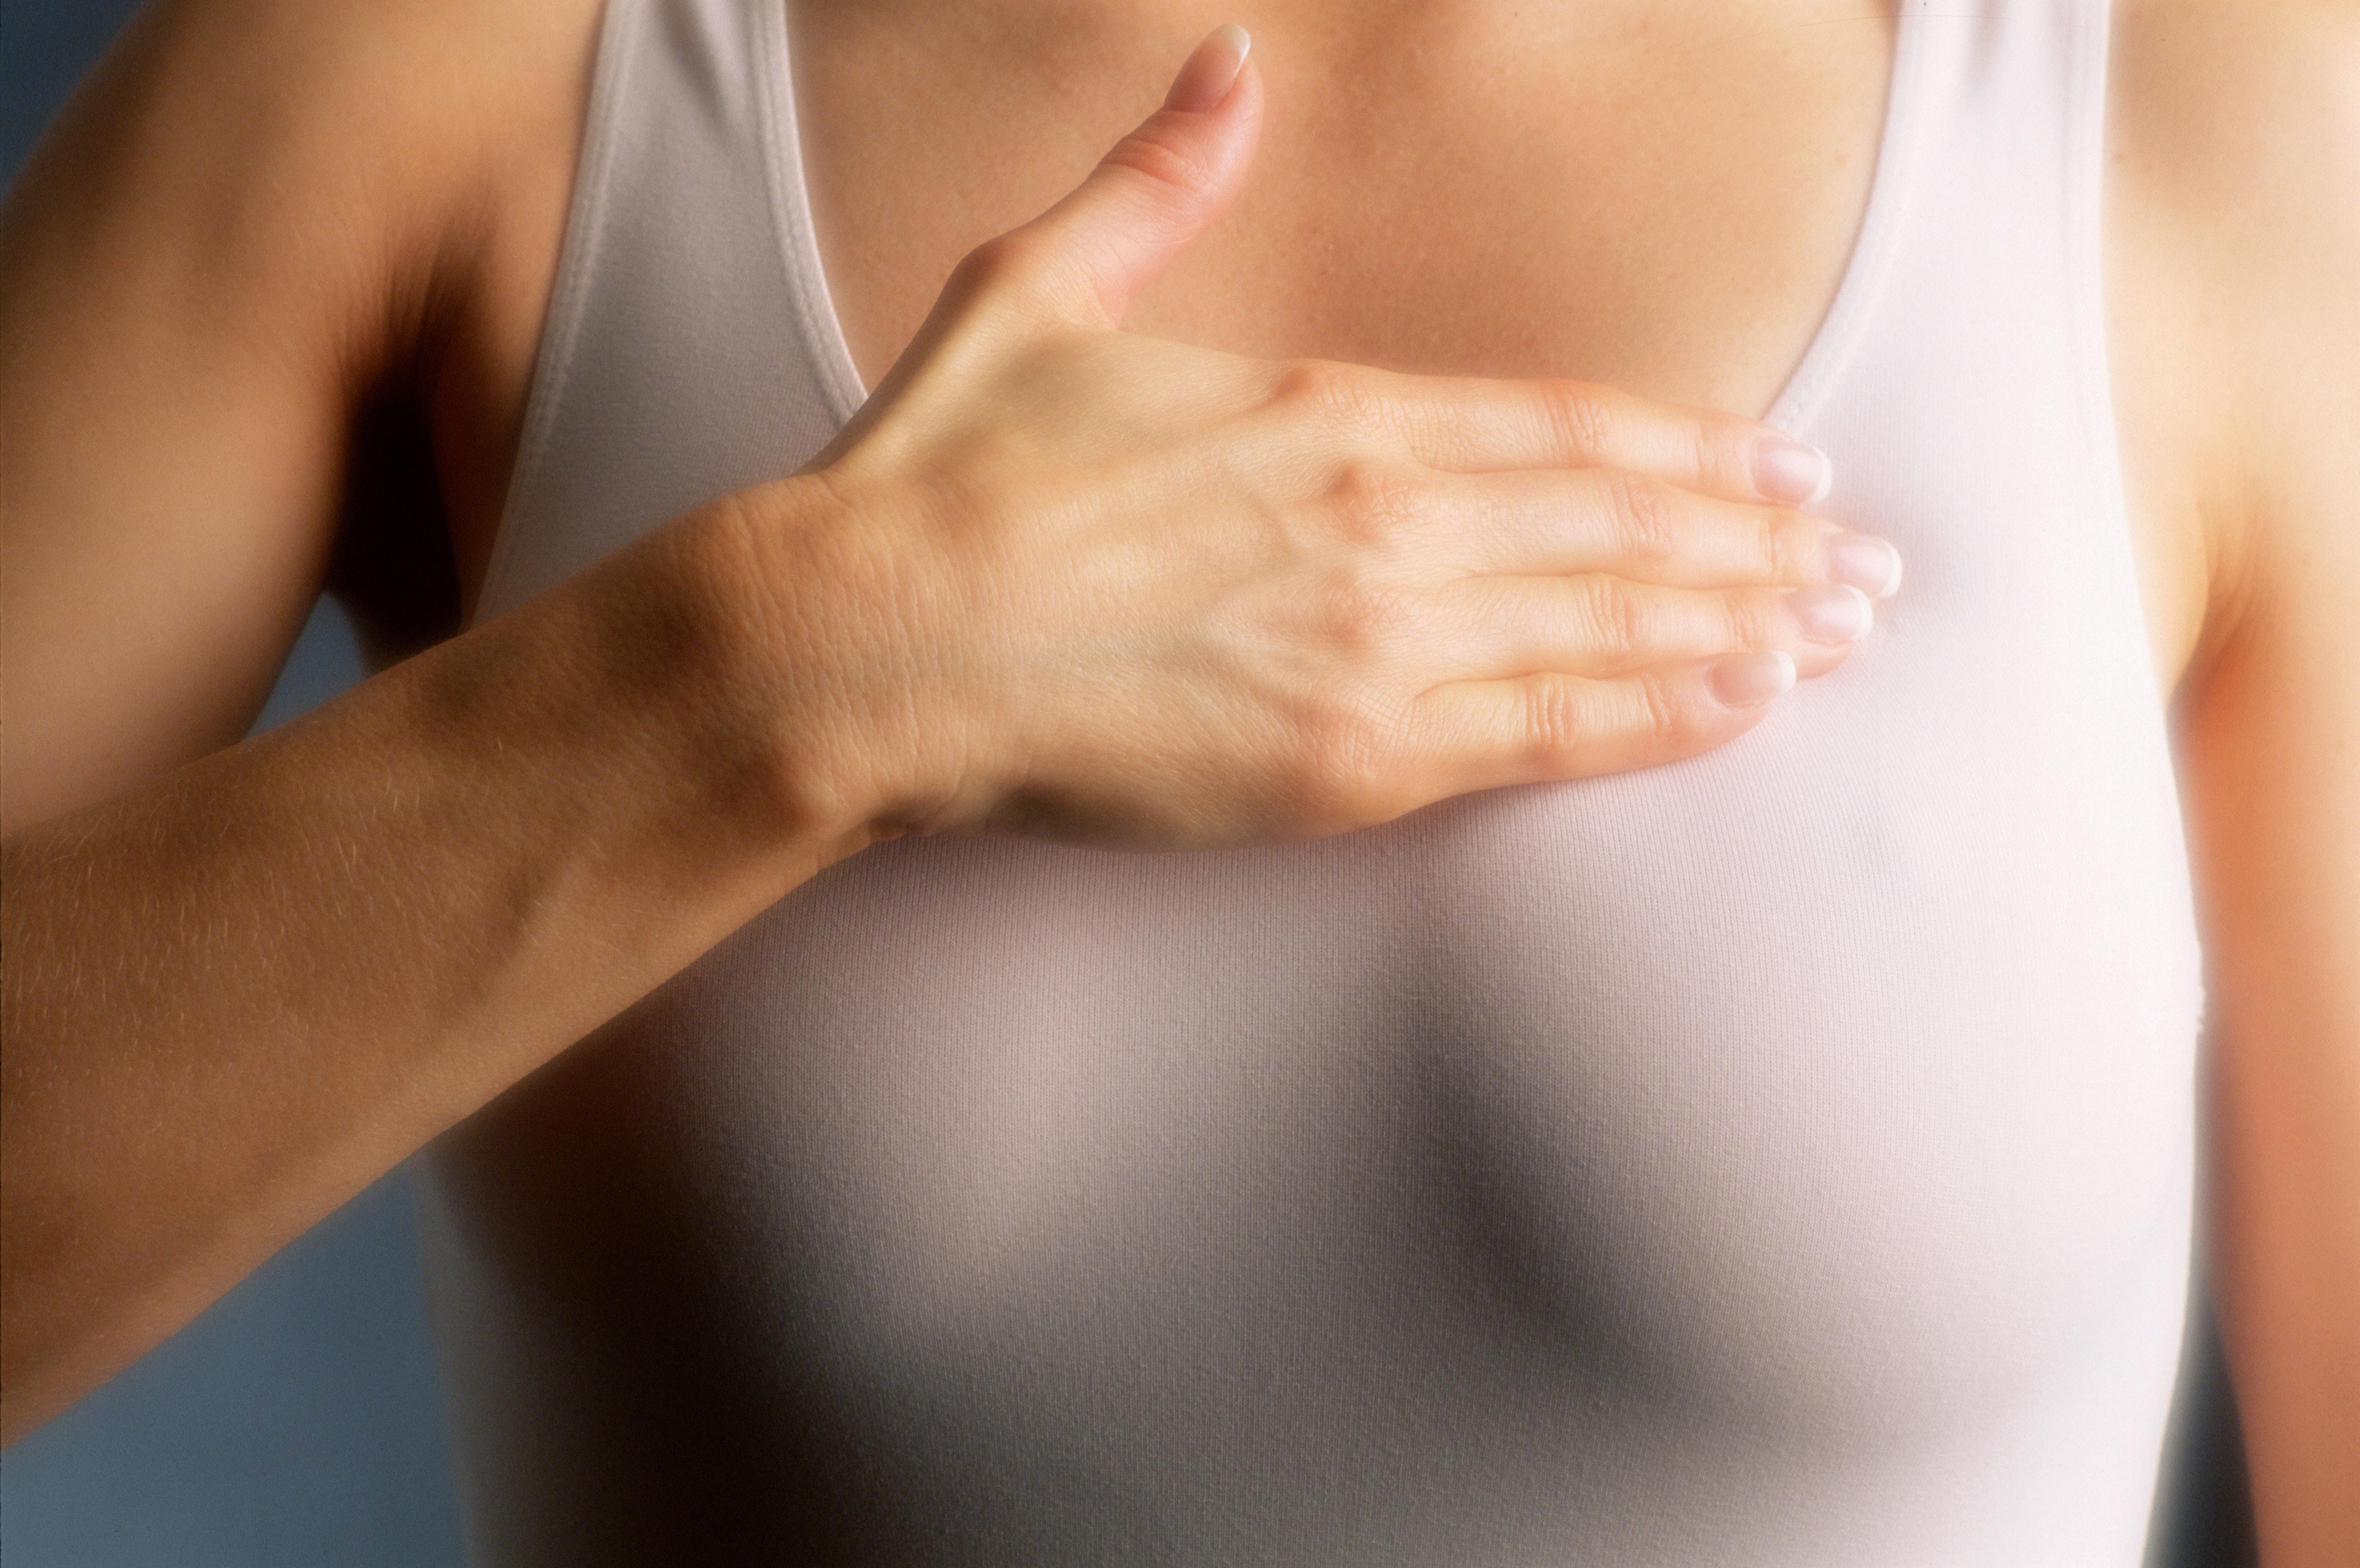 Παθήσεις μαστού: Πότε πρέπει να ανησυχήσω; thumbnail